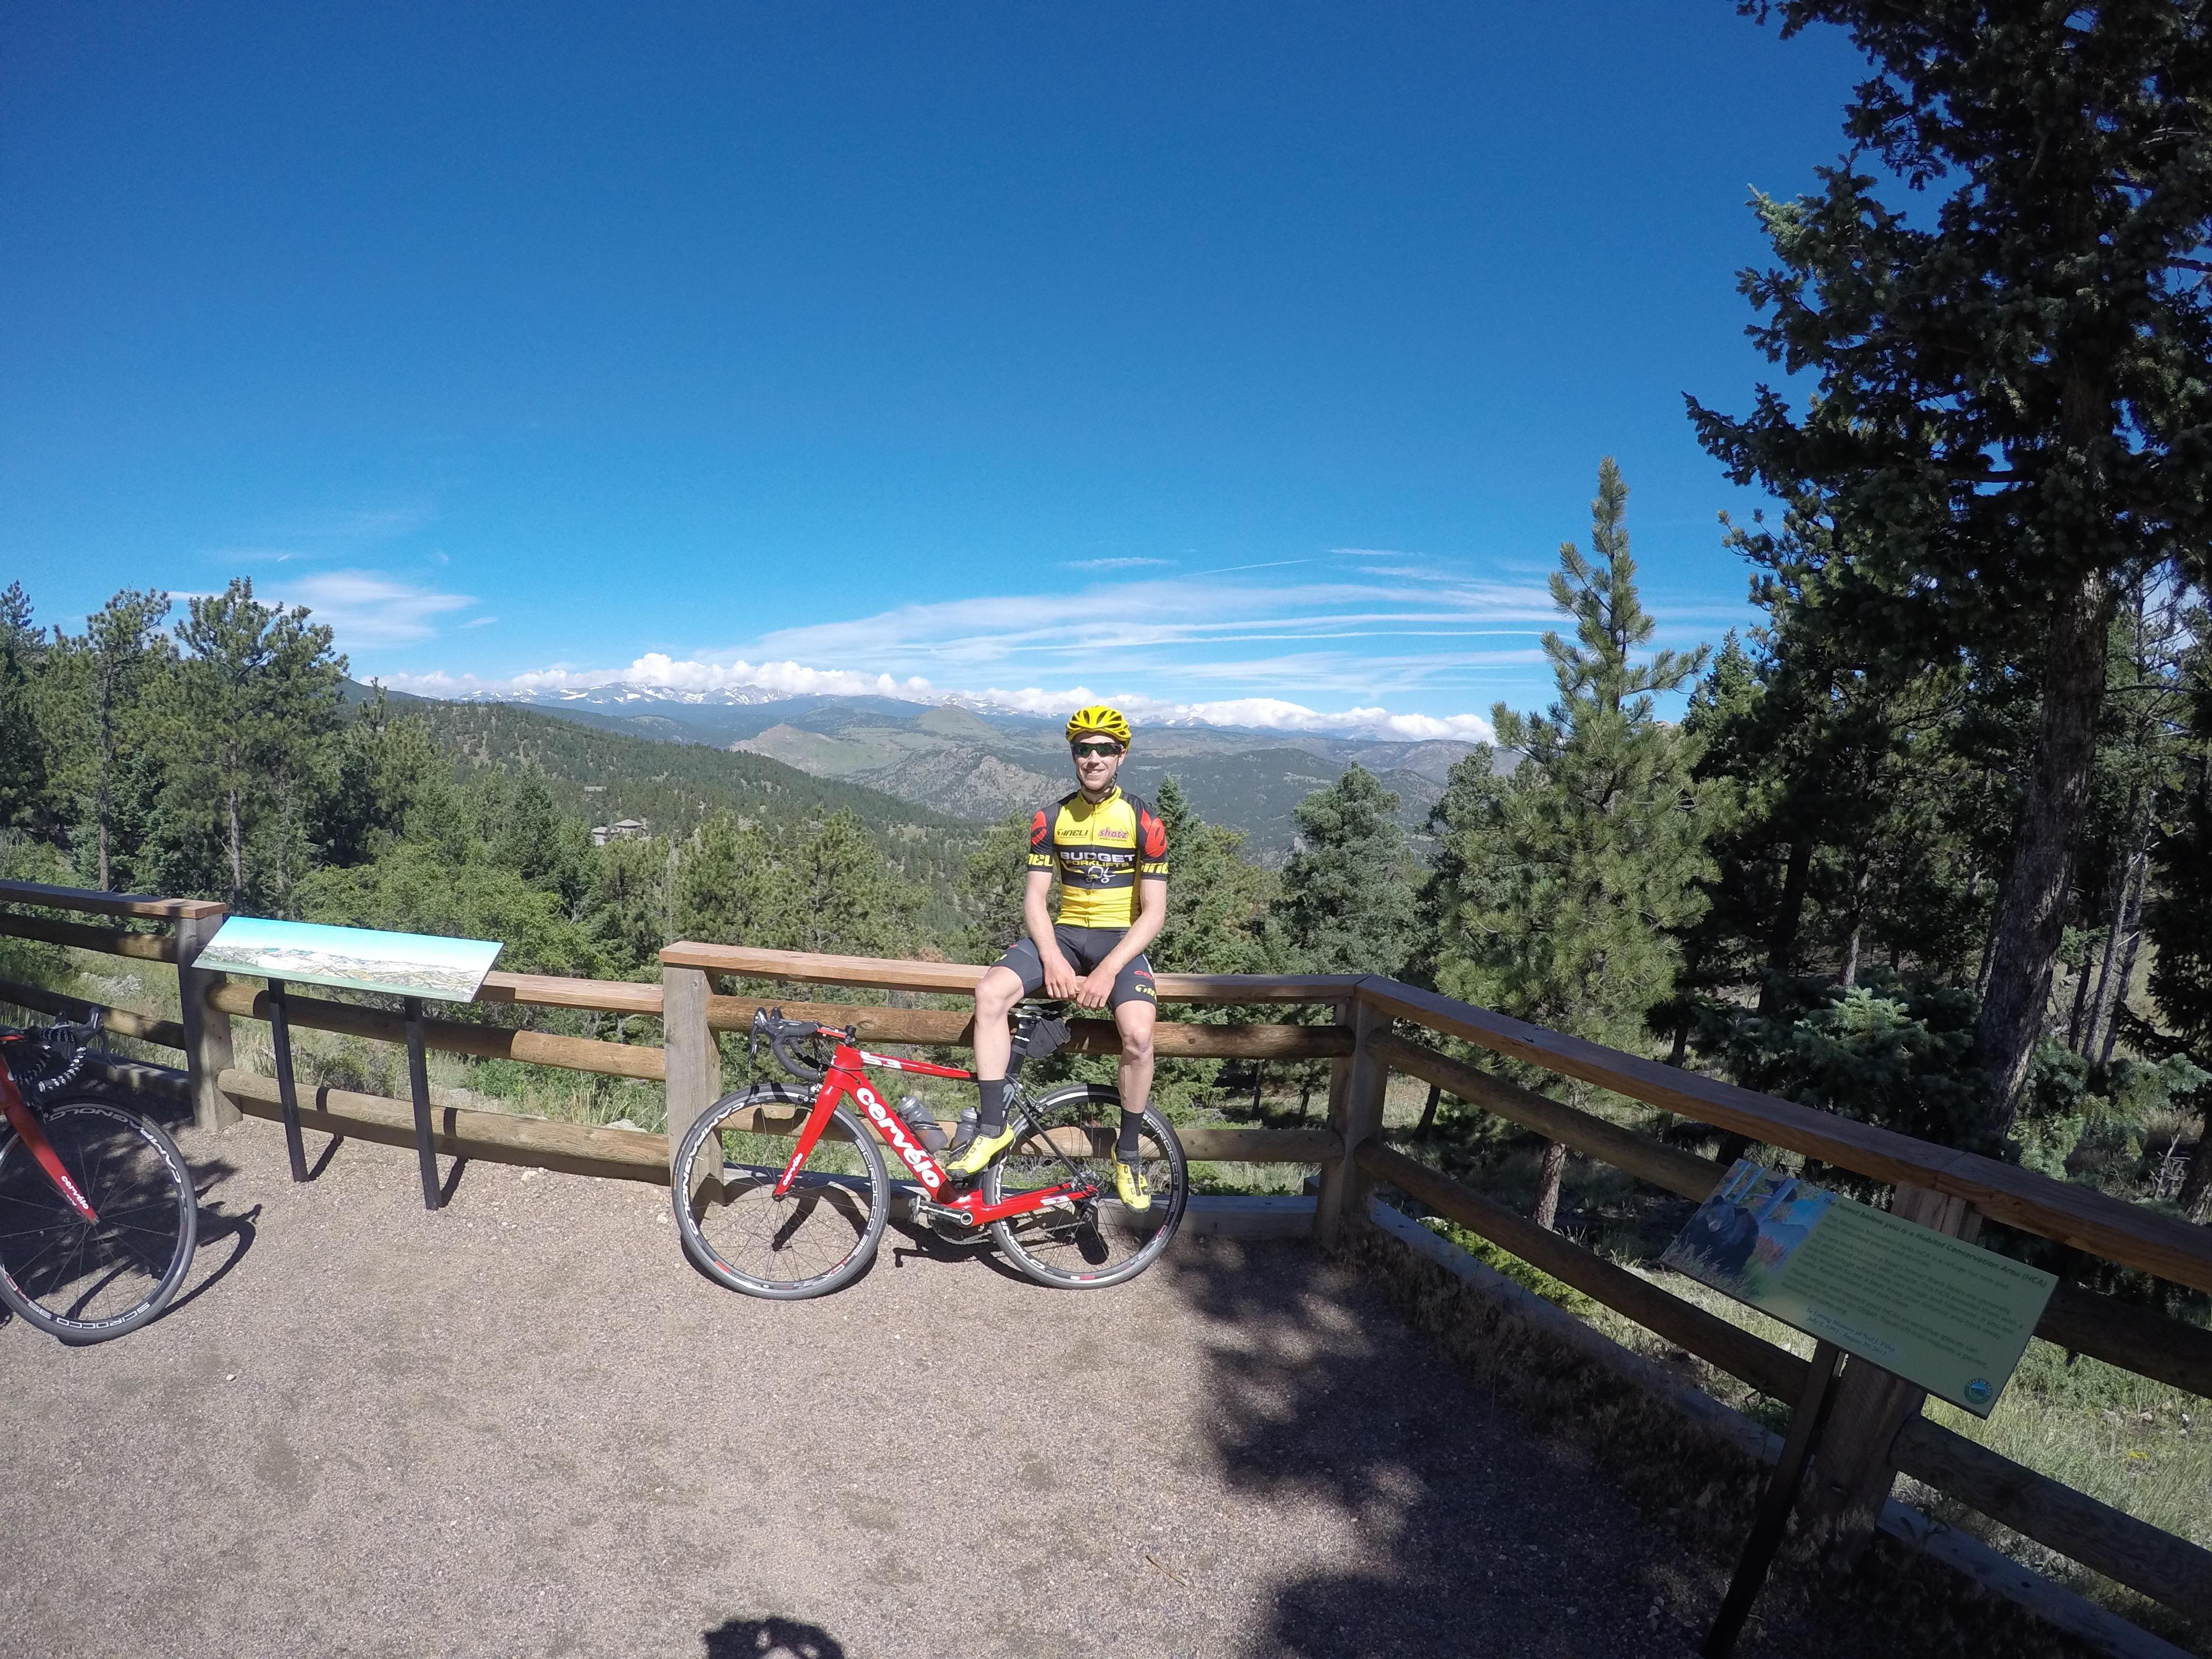 Near the summit of Flagstaff